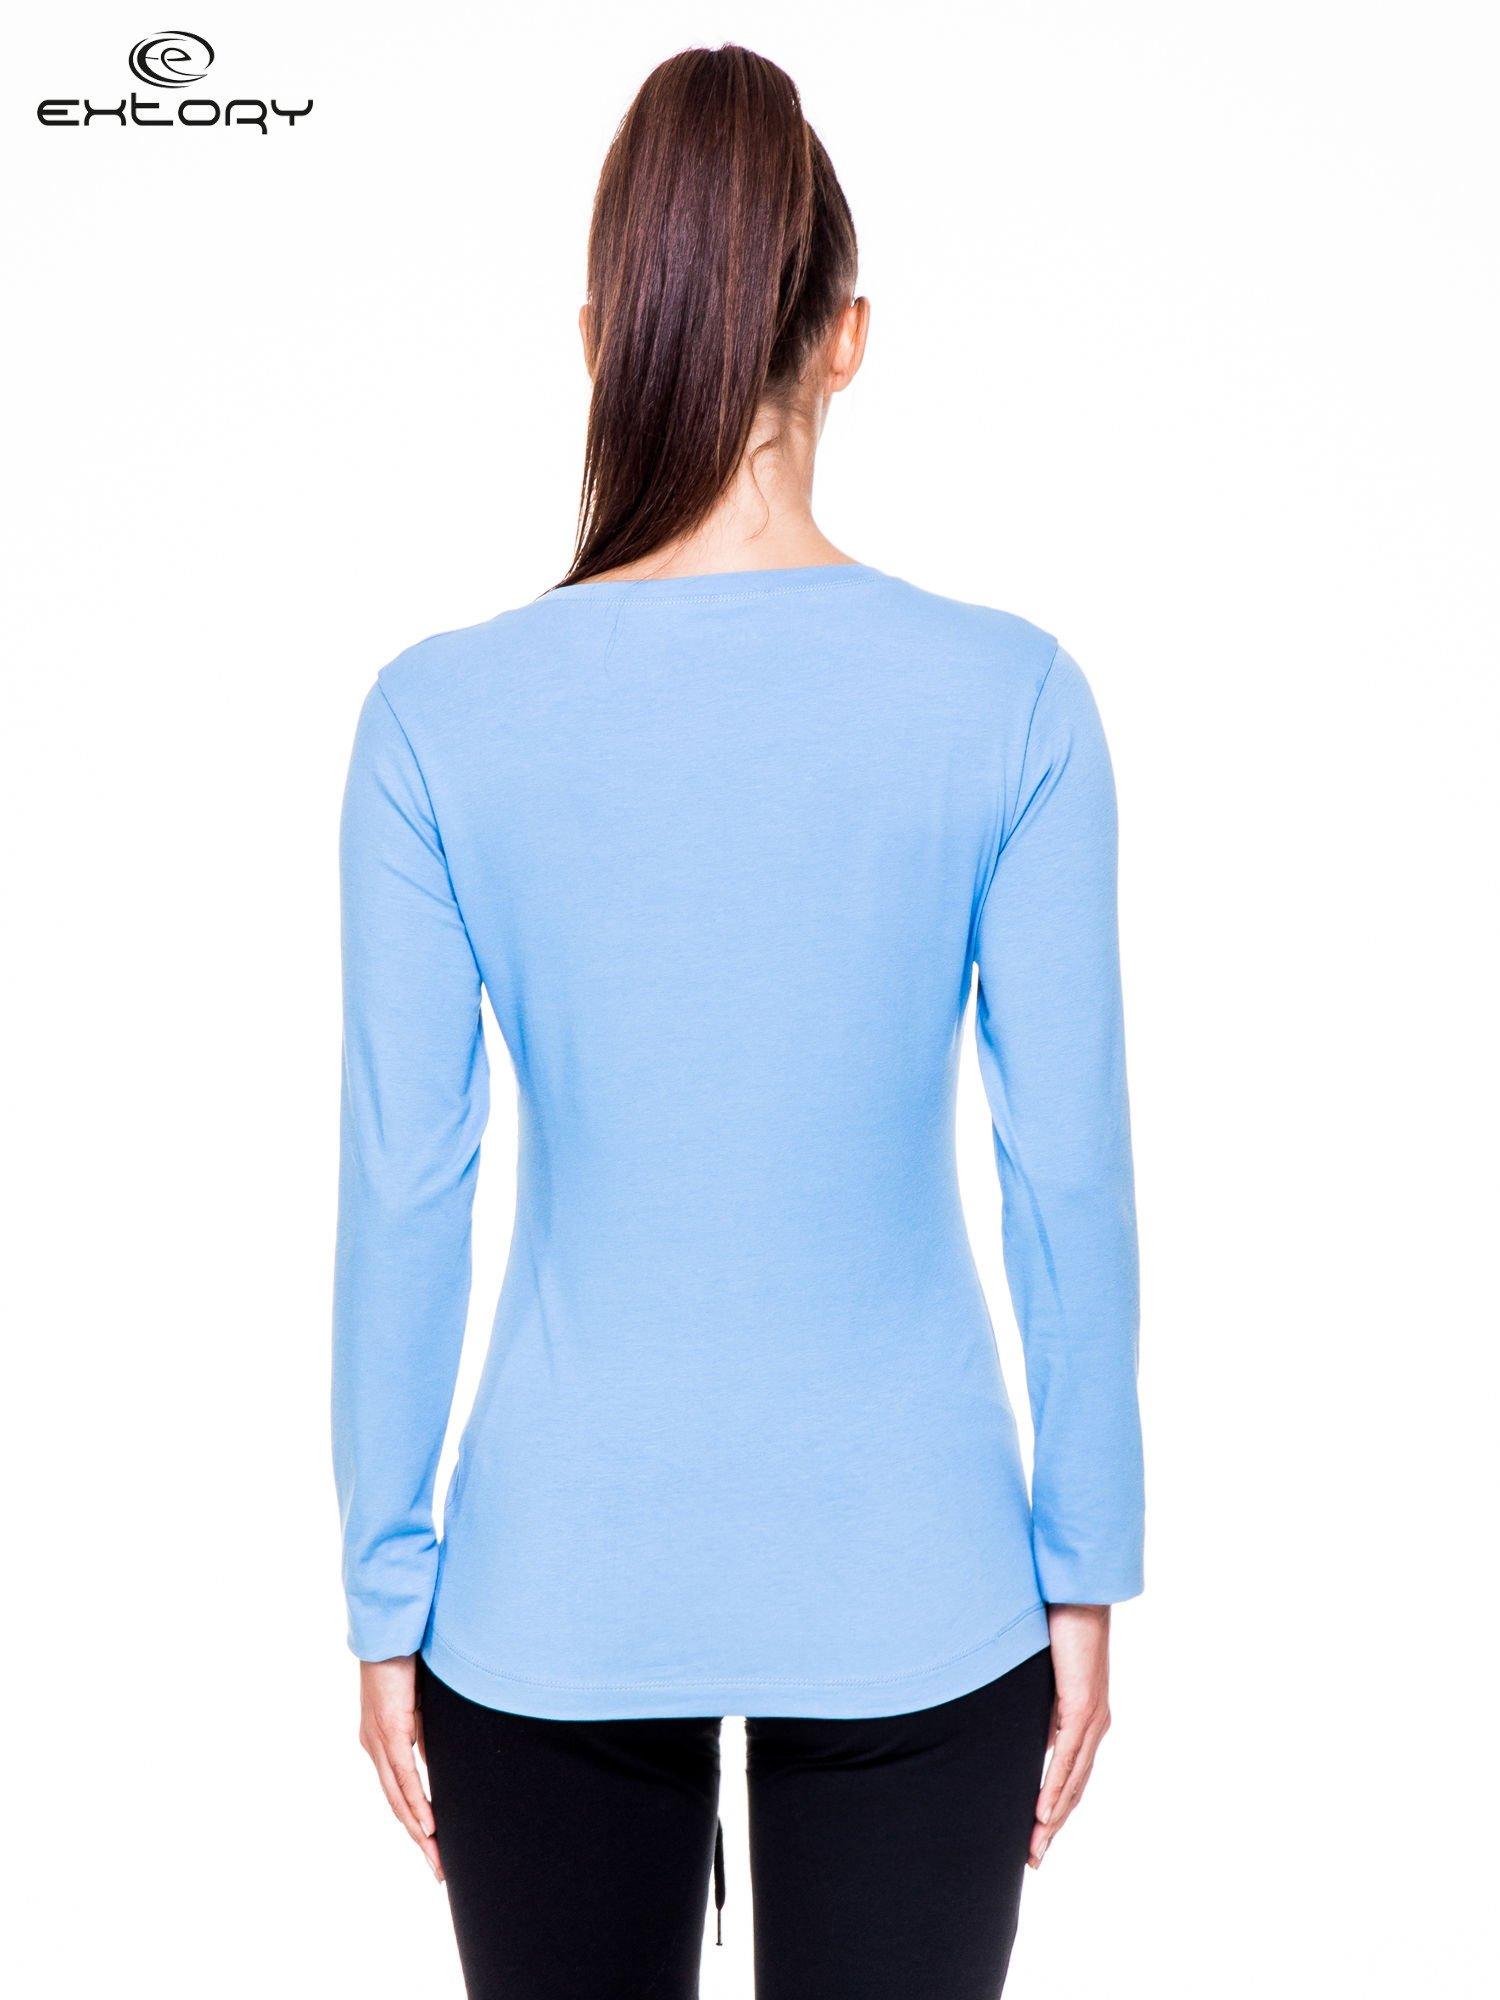 Jasnoniebieskie bluzka sportowa z dekoltem U                                  zdj.                                  4